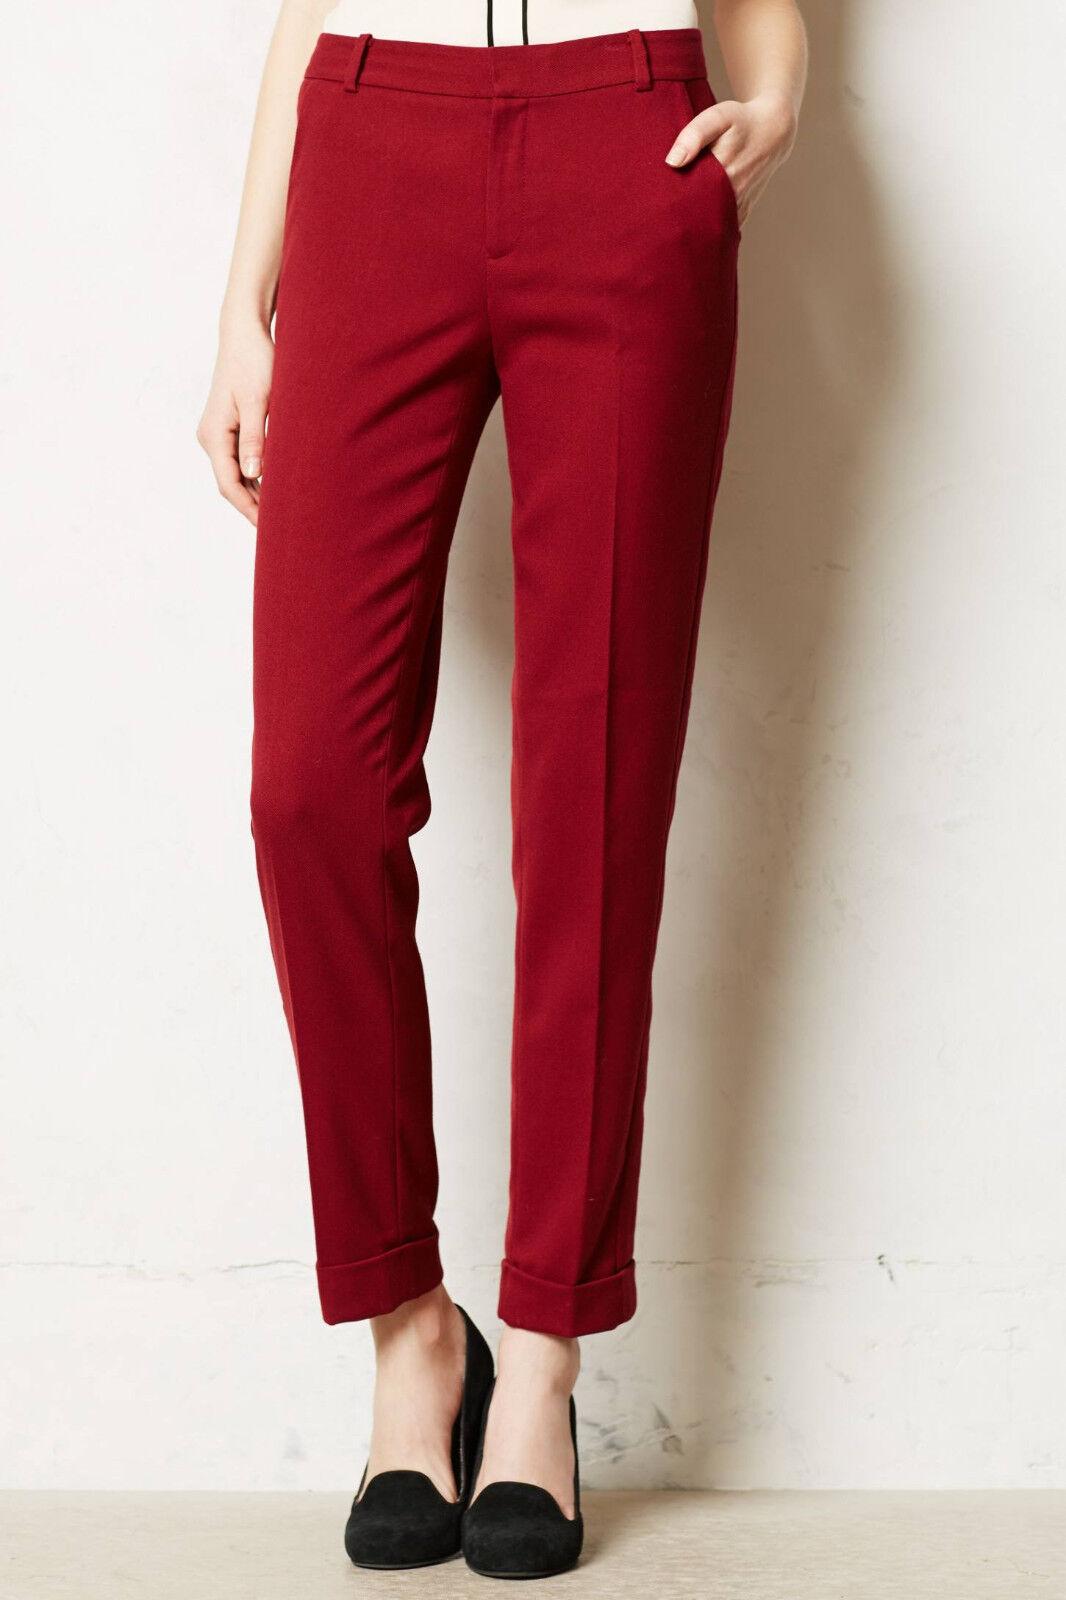 Cartonnier Lou Pantalon Pantalon Différentes Couls Et Größes Neuf Avec ANTHROPOLOGIE Tag